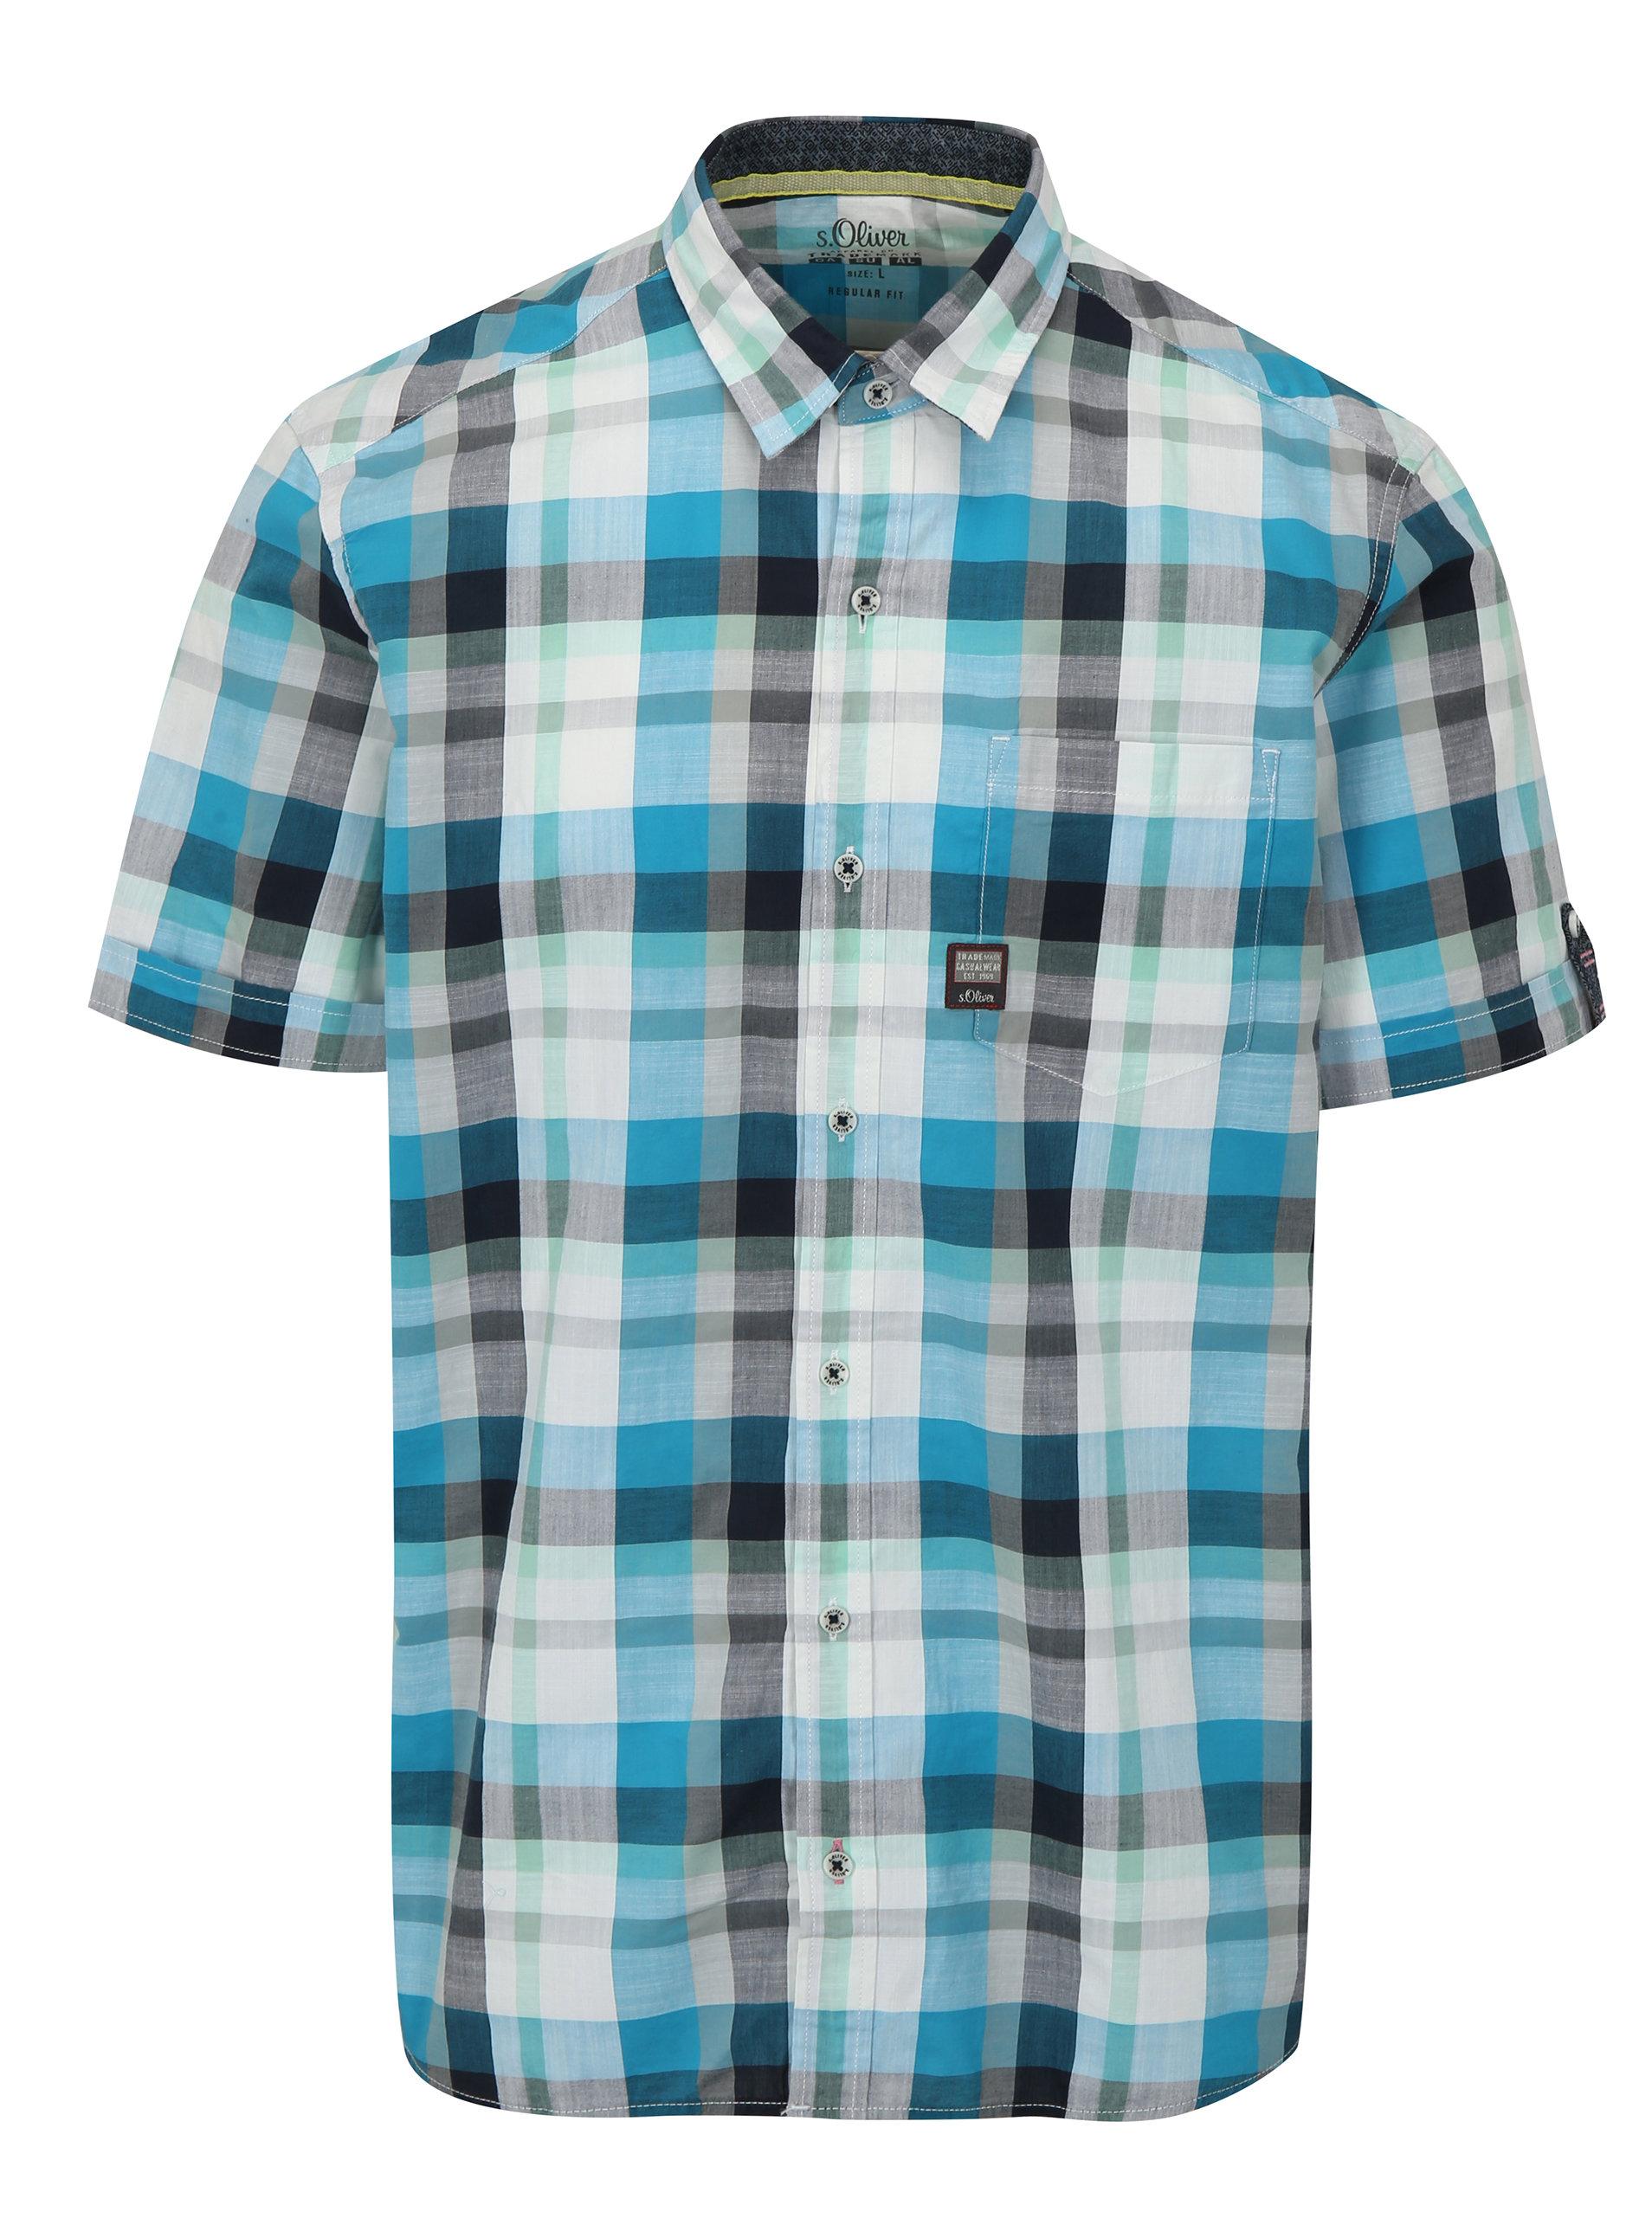 1b91bbde1298 Bielo-modrá kockovaná pánska regular fit košeľa s.Oliver